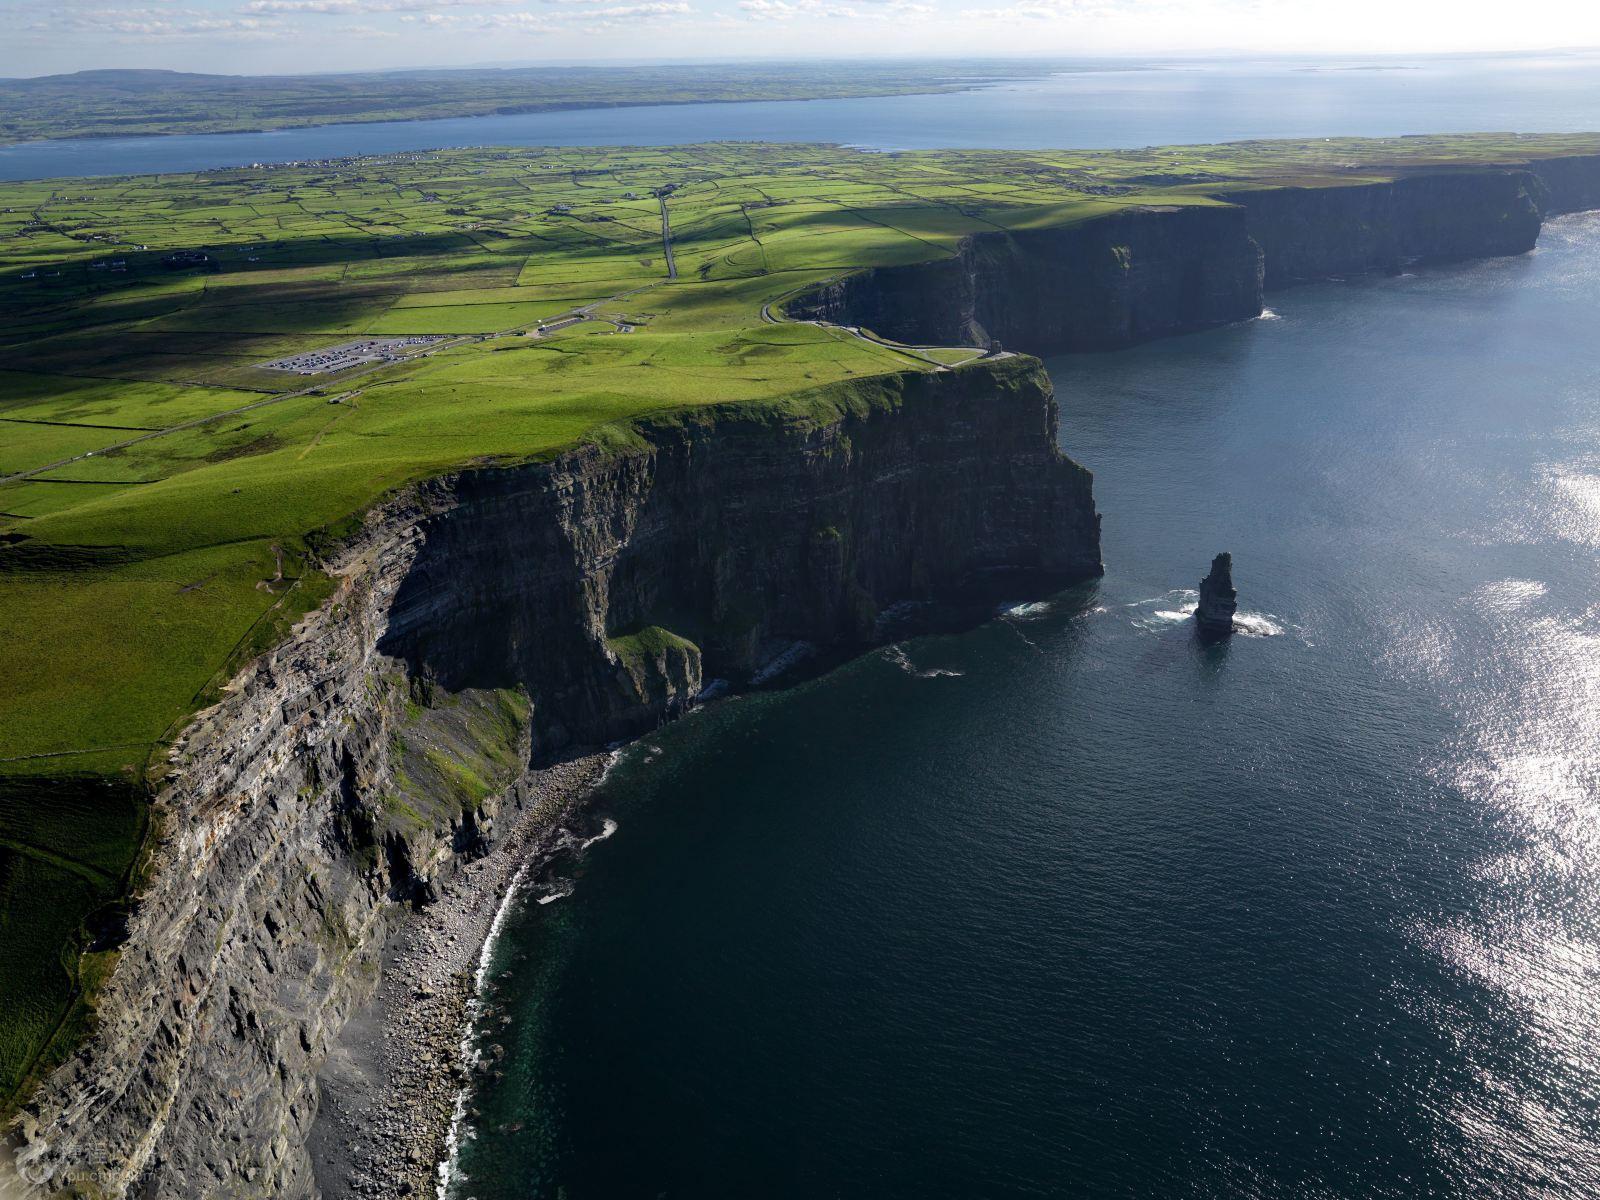 英国 爱尔兰12日跟团游 4钻 送交通 拒签全退 含小费 双古堡 庄园 湖区